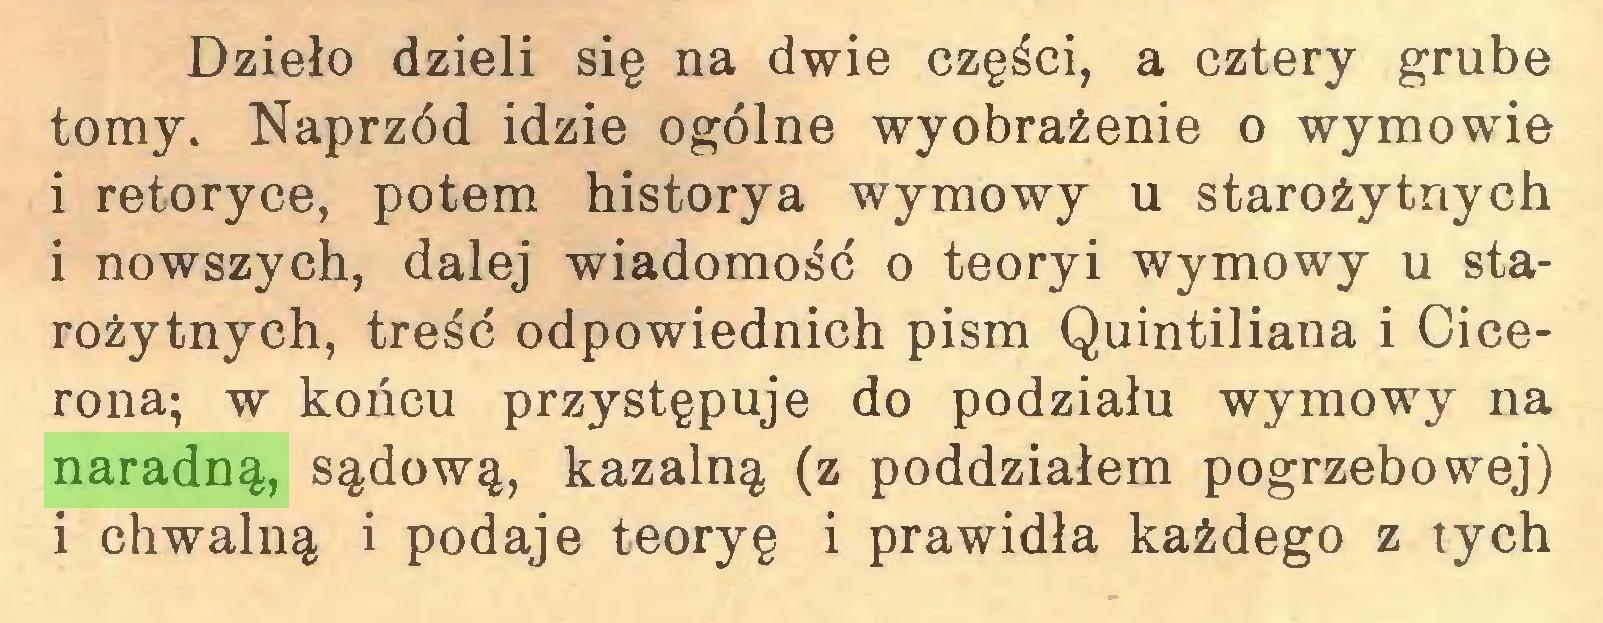 (...) Dzieło dzieli się na dwie części, a cztery grube tomy. Naprzód idzie ogólne wyobrażenie o wymowie i retoryce, potem historya wymowy u starożytnych i nowszych, dalej wiadomość o teoryi wymowy u starożytnych, treść odpowiednich pism Quintiliana i Cicerona; w końcu przystępuje do podziału wymowy na naradną, sądową, kazalną (z poddziałem pogrzebowej) i chwalną i podaje teoryę i prawidła każdego z tych...